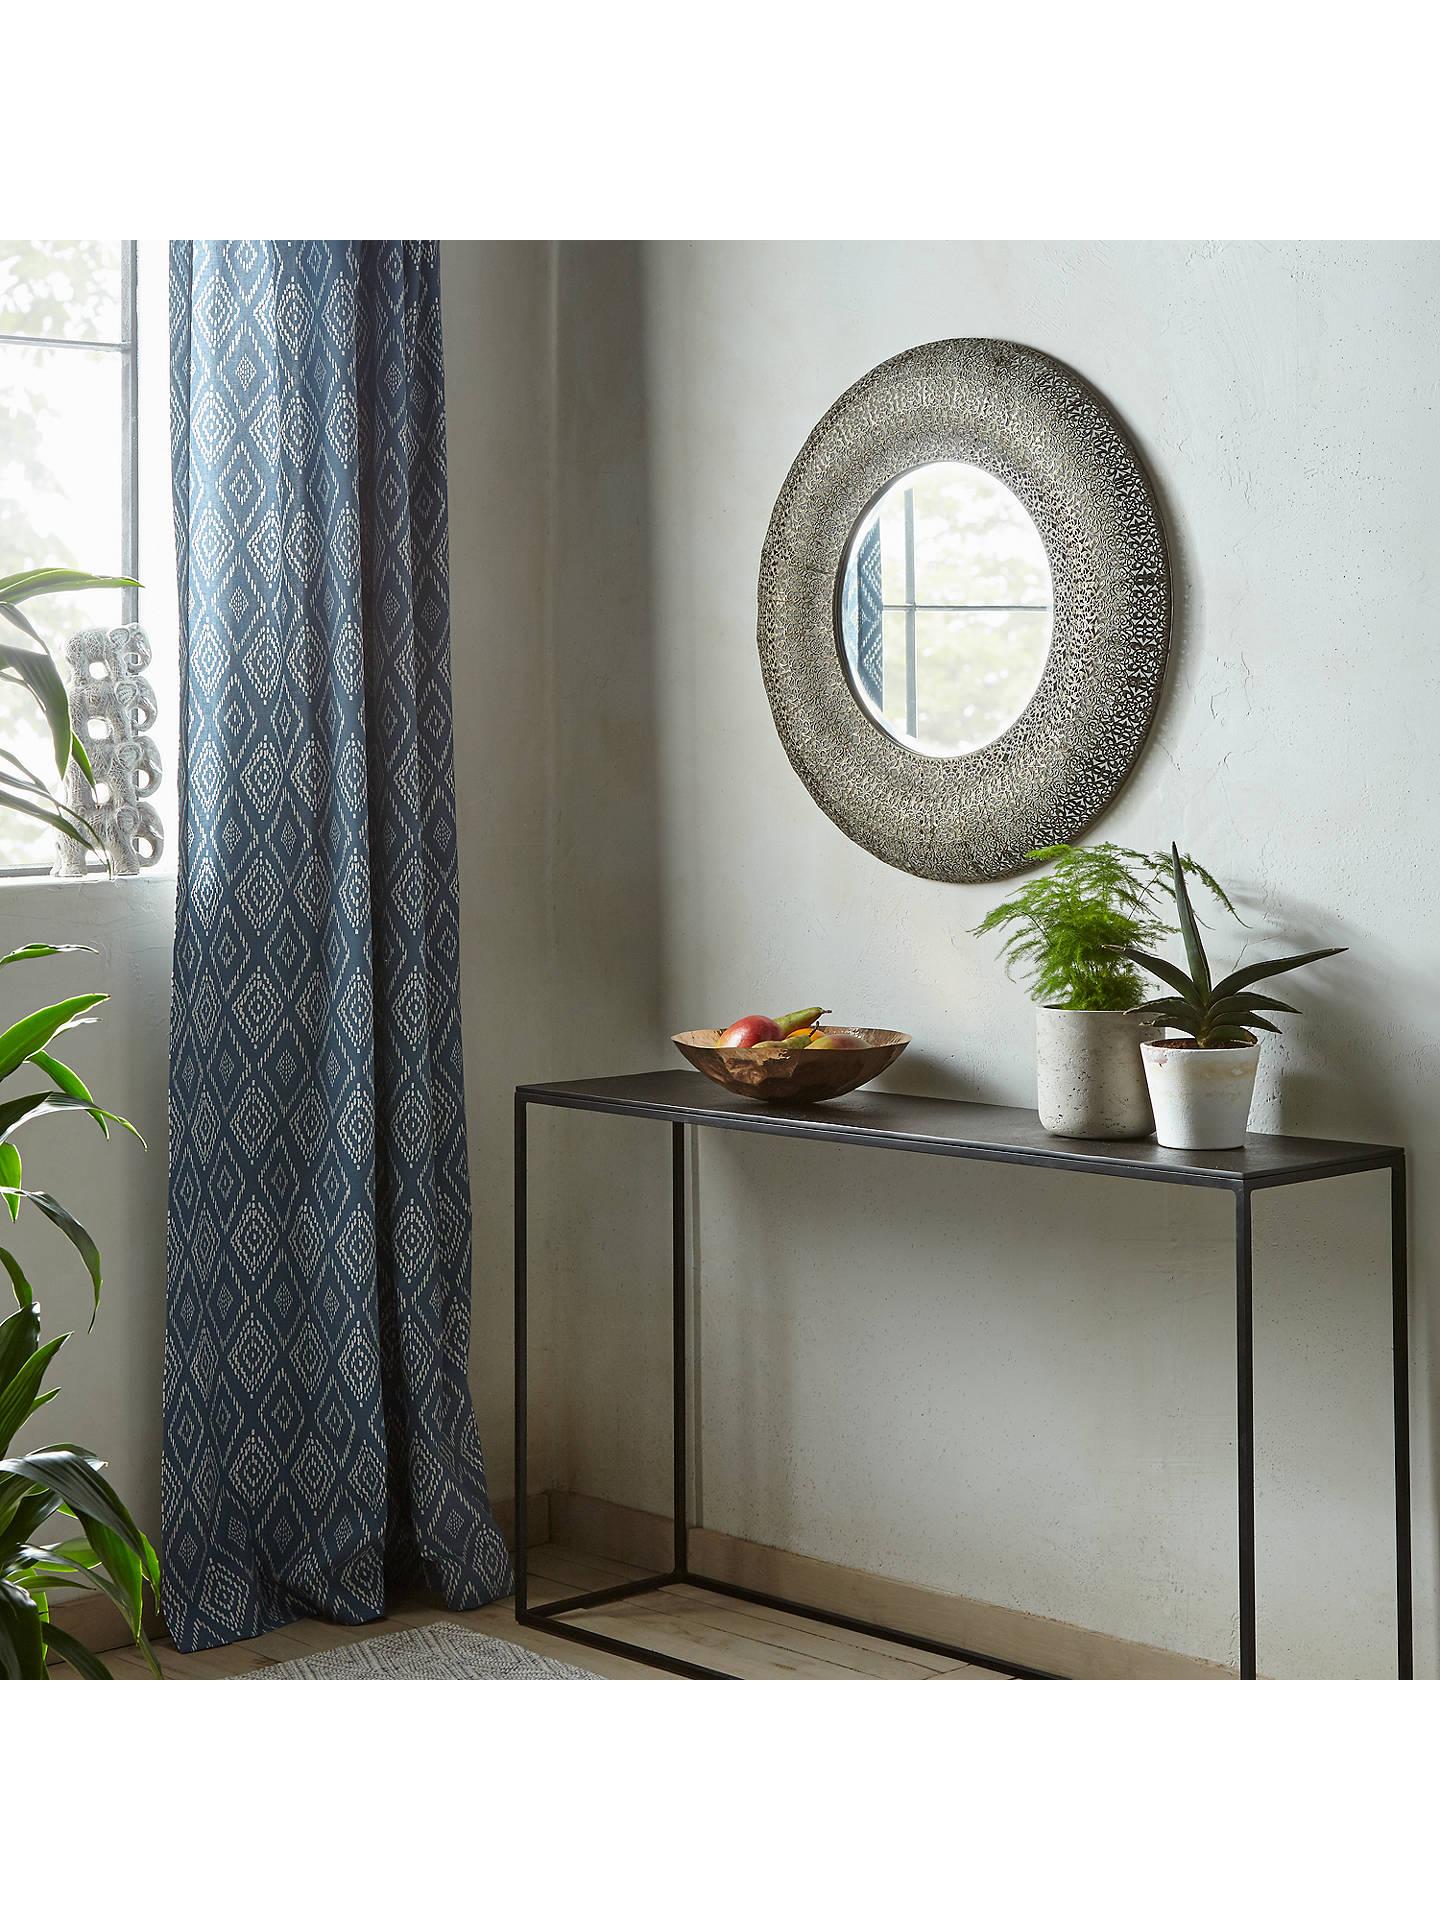 343812c8a8c0 ... Buy Libra Filigree Round Wall Mirror, 70 x 70cm, Dark Grey Online at  johnlewis ...